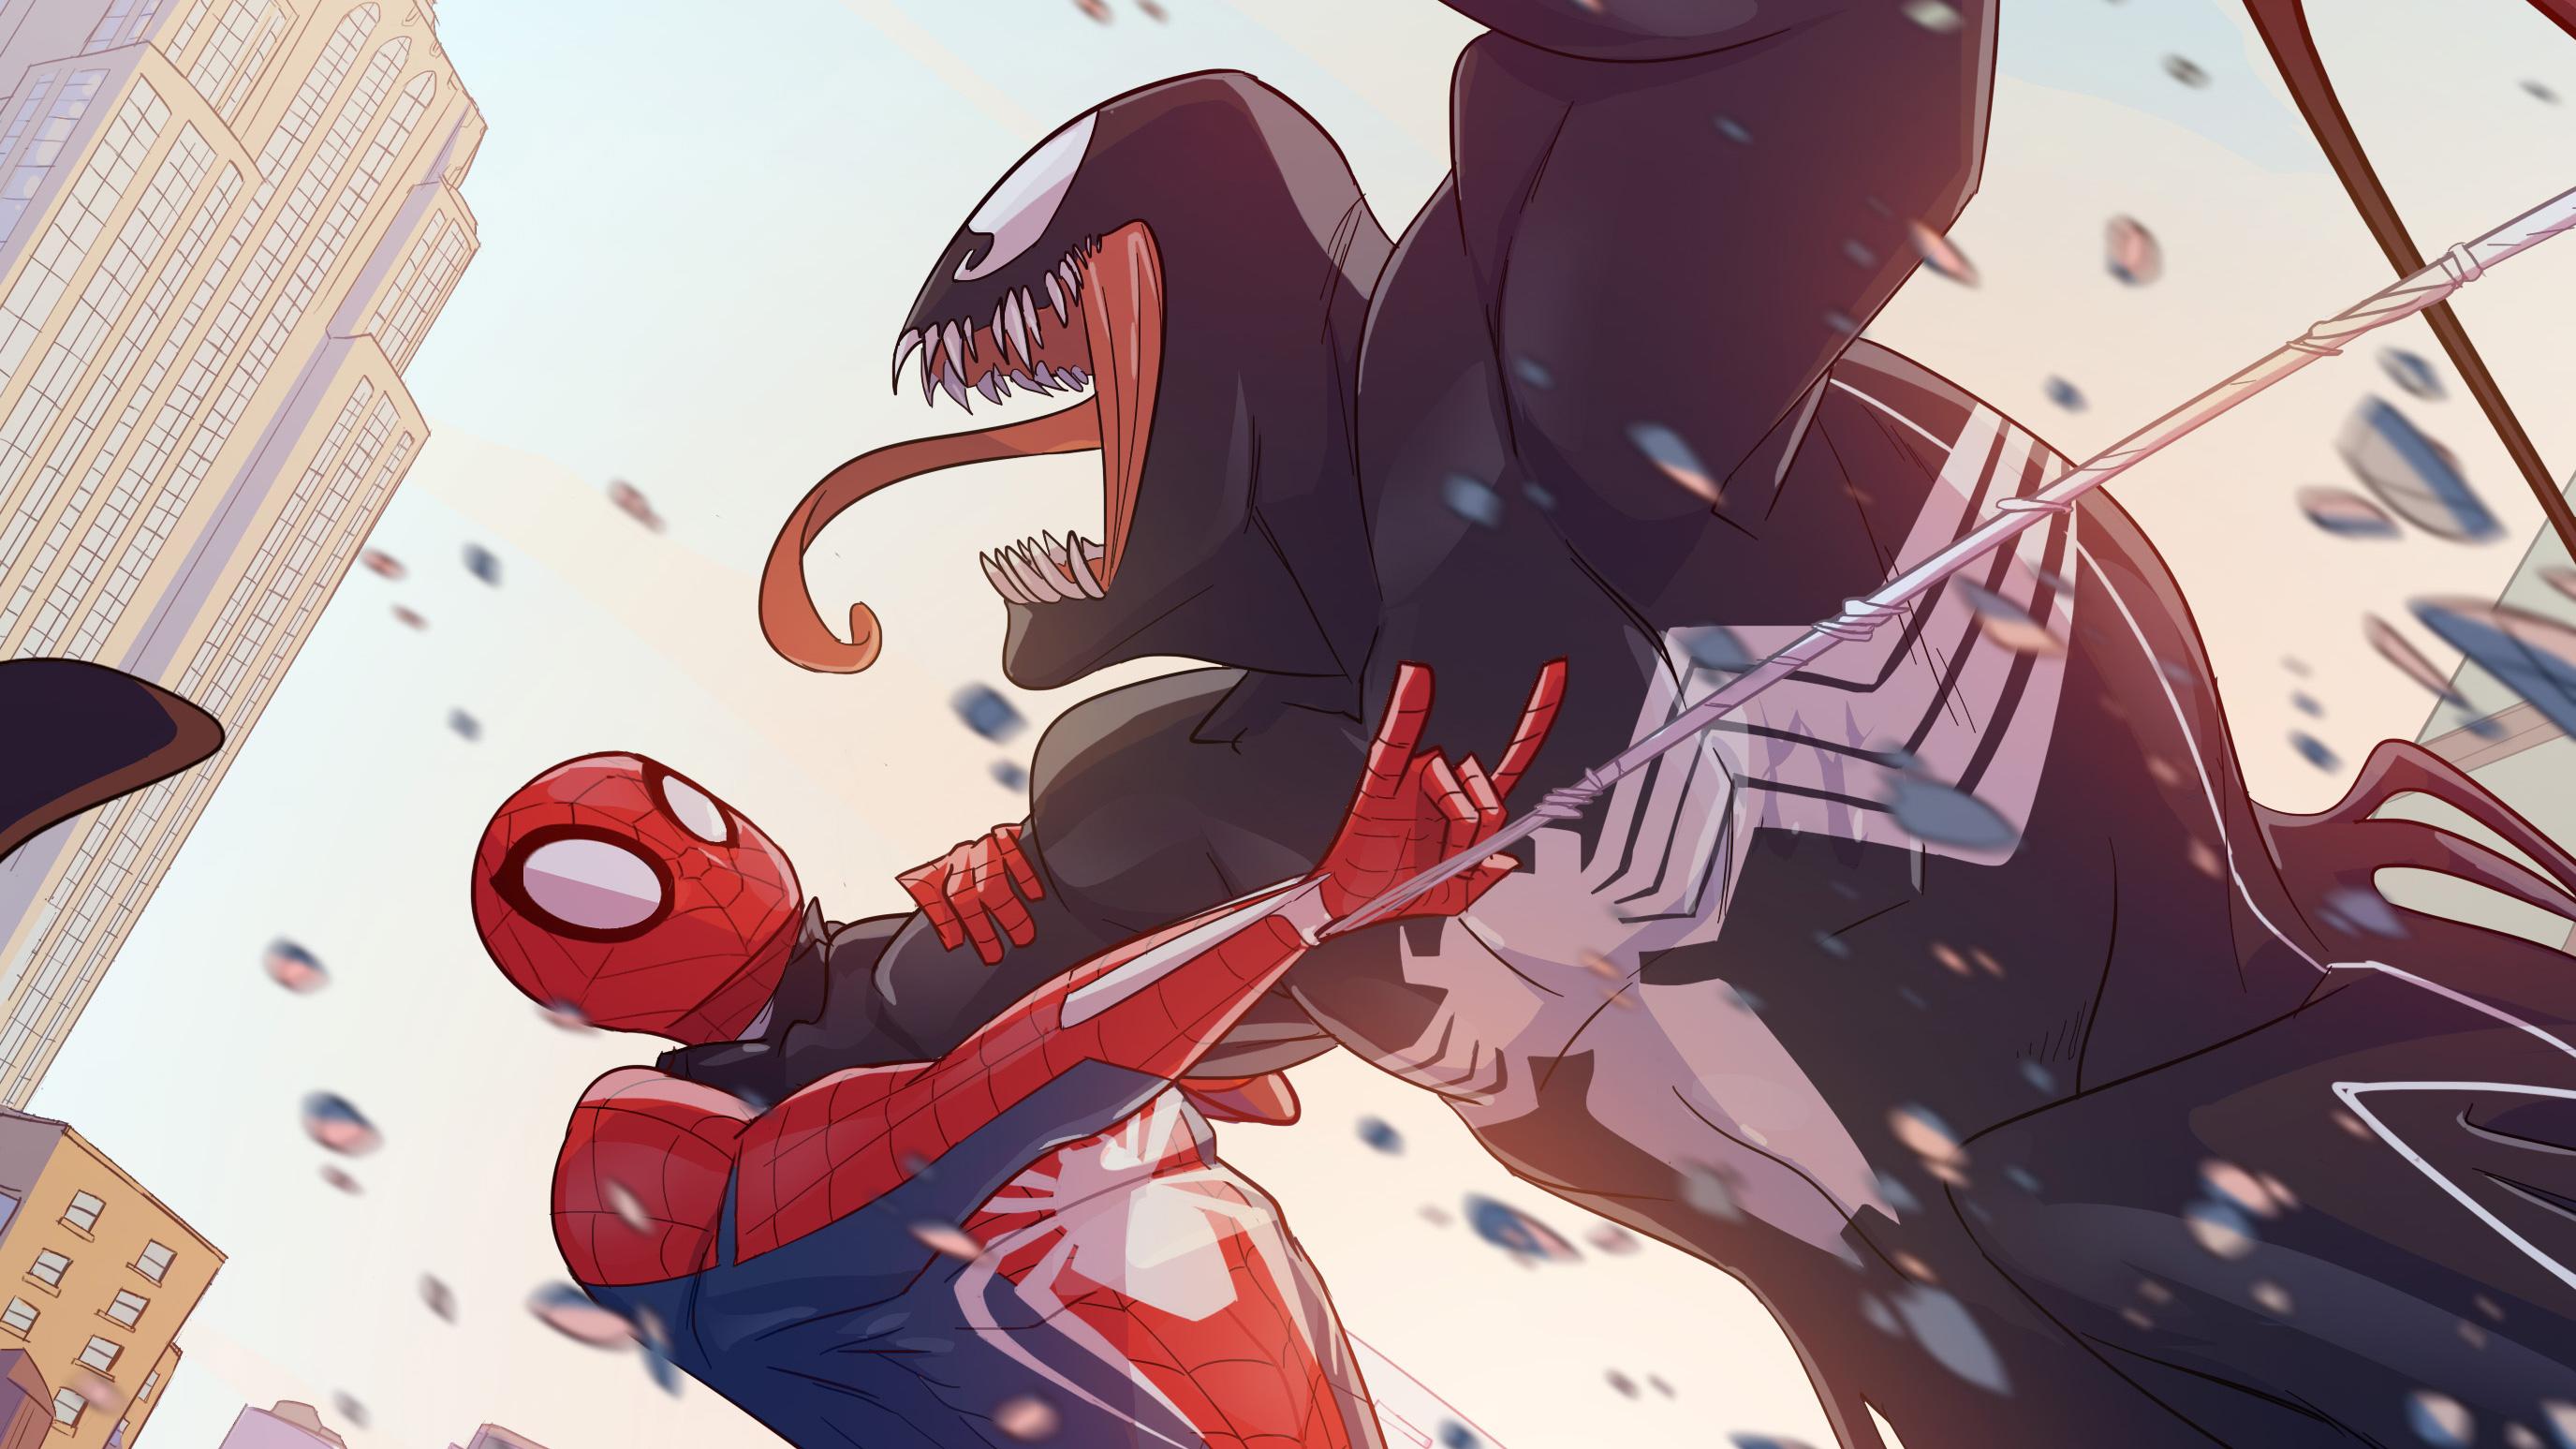 Spiderman Vs Venom 2018 Hd Superheroes 4k Wallpapers Images